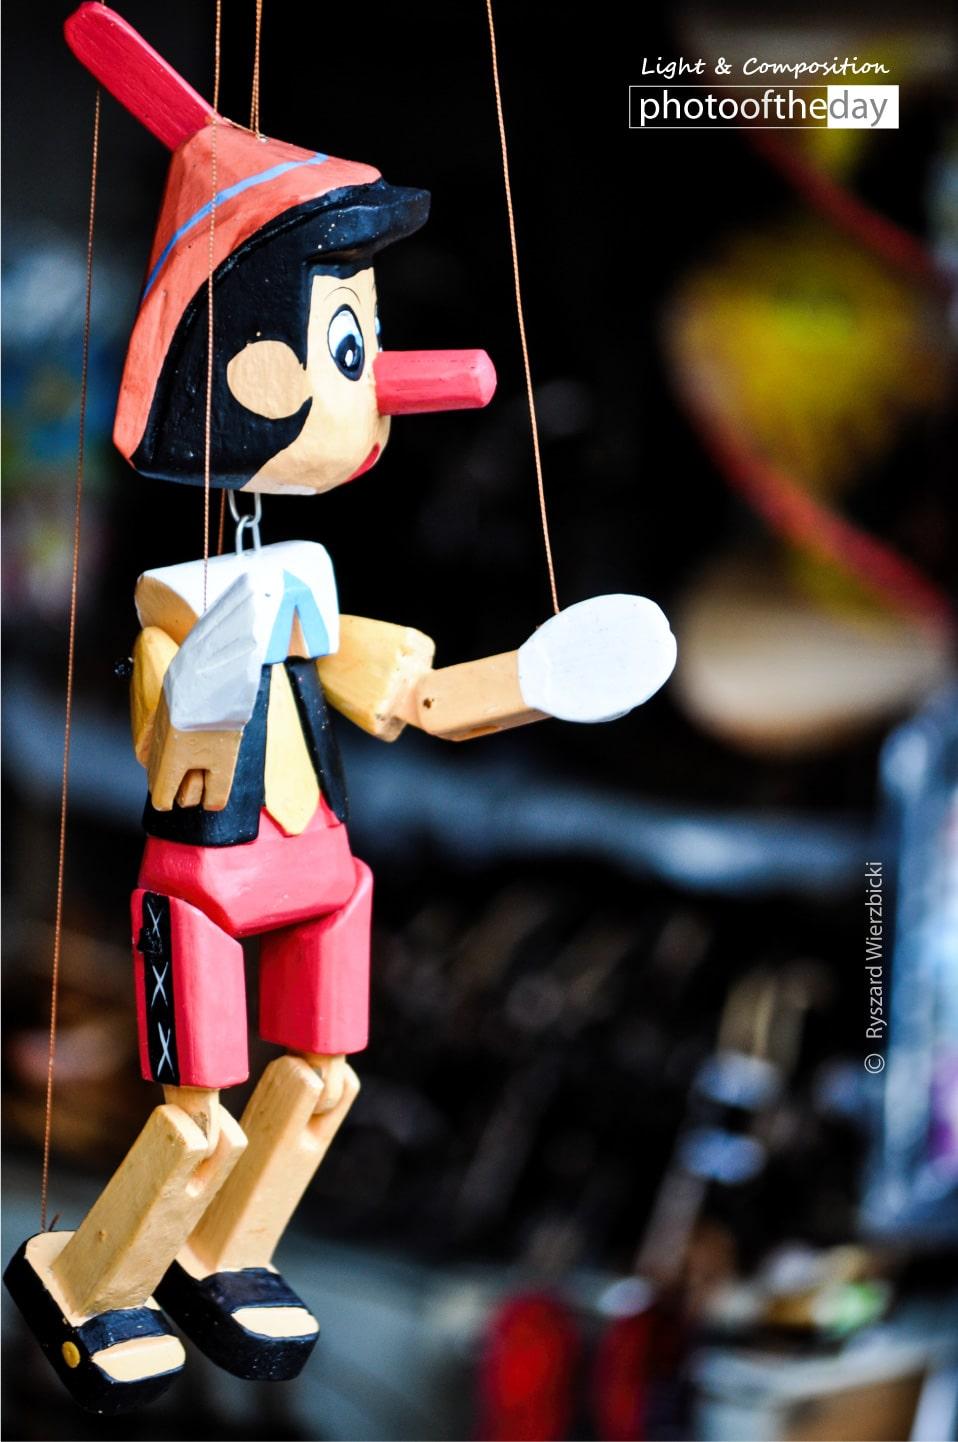 Pinokio Puppet by Ryszard Wierzbicki